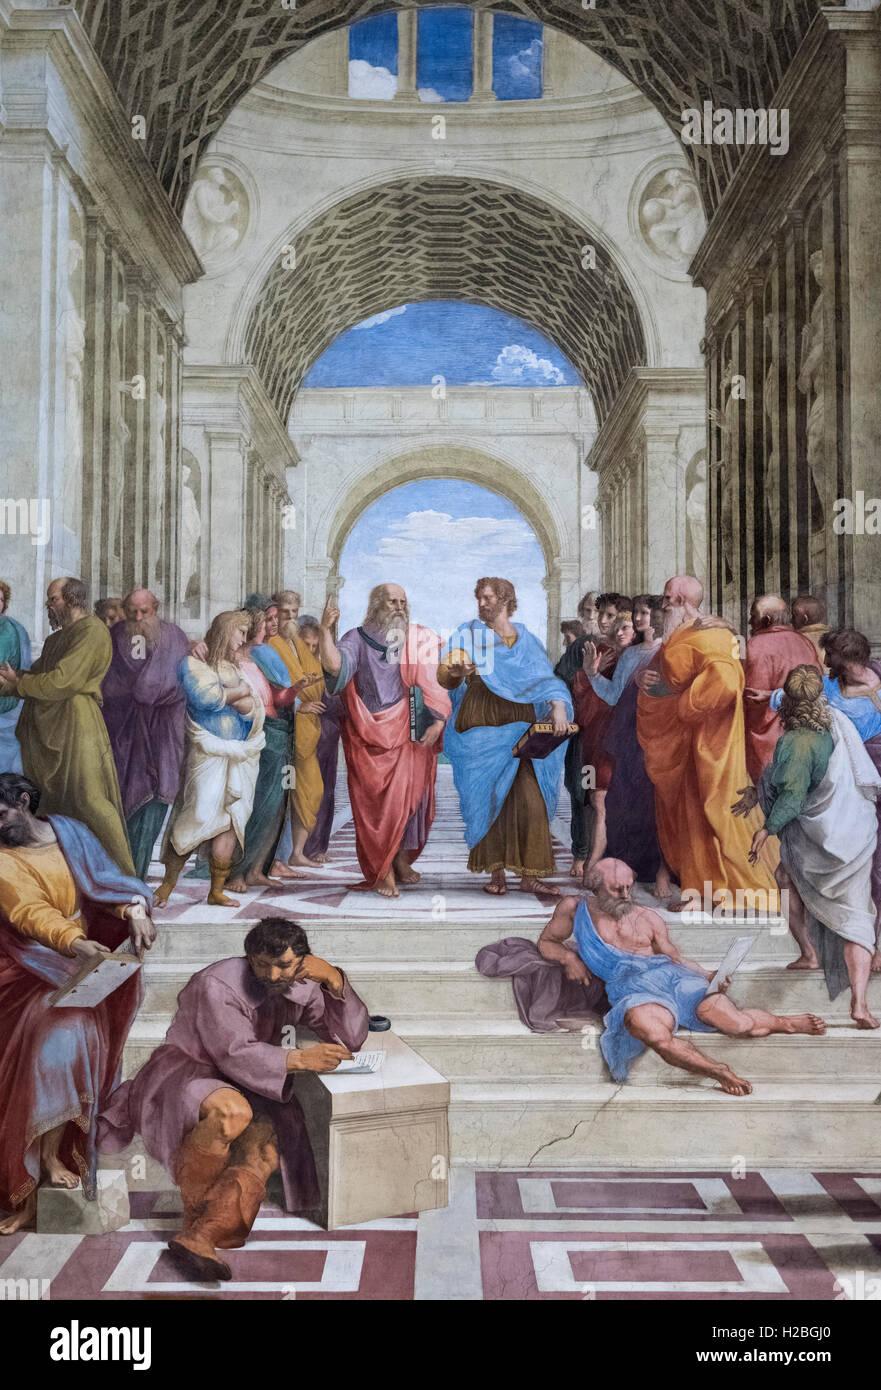 Raphael (1483-1520), The School of Athens fresco (1509–1511). Stanza della Segnatura, Vatican Museums, Rome. Stock Photo